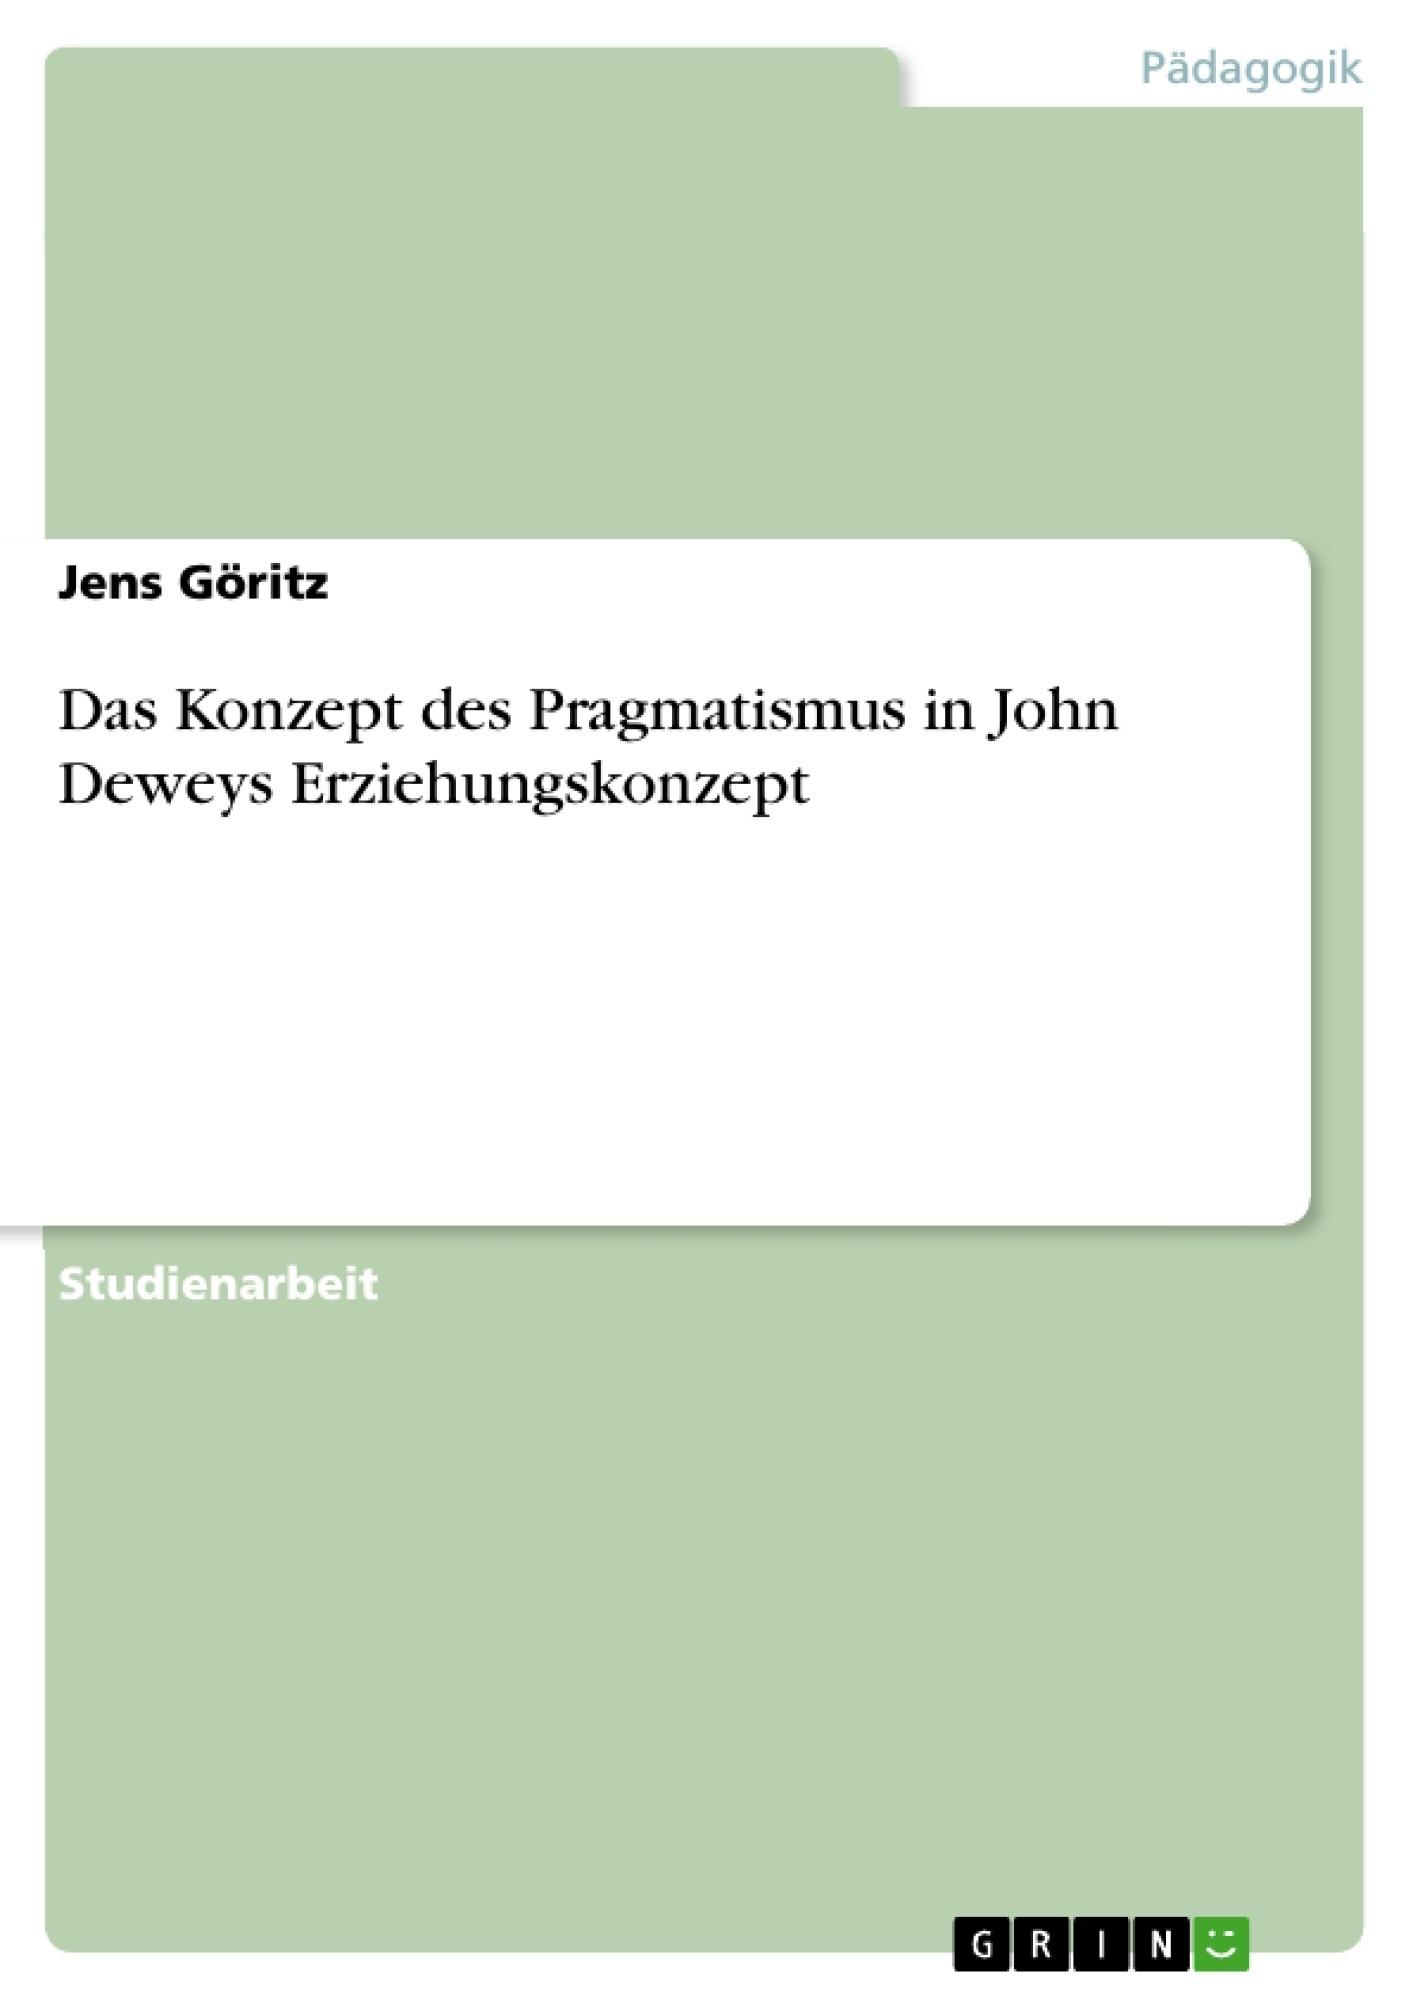 Titel: Das Konzept des Pragmatismus in John Deweys Erziehungskonzept